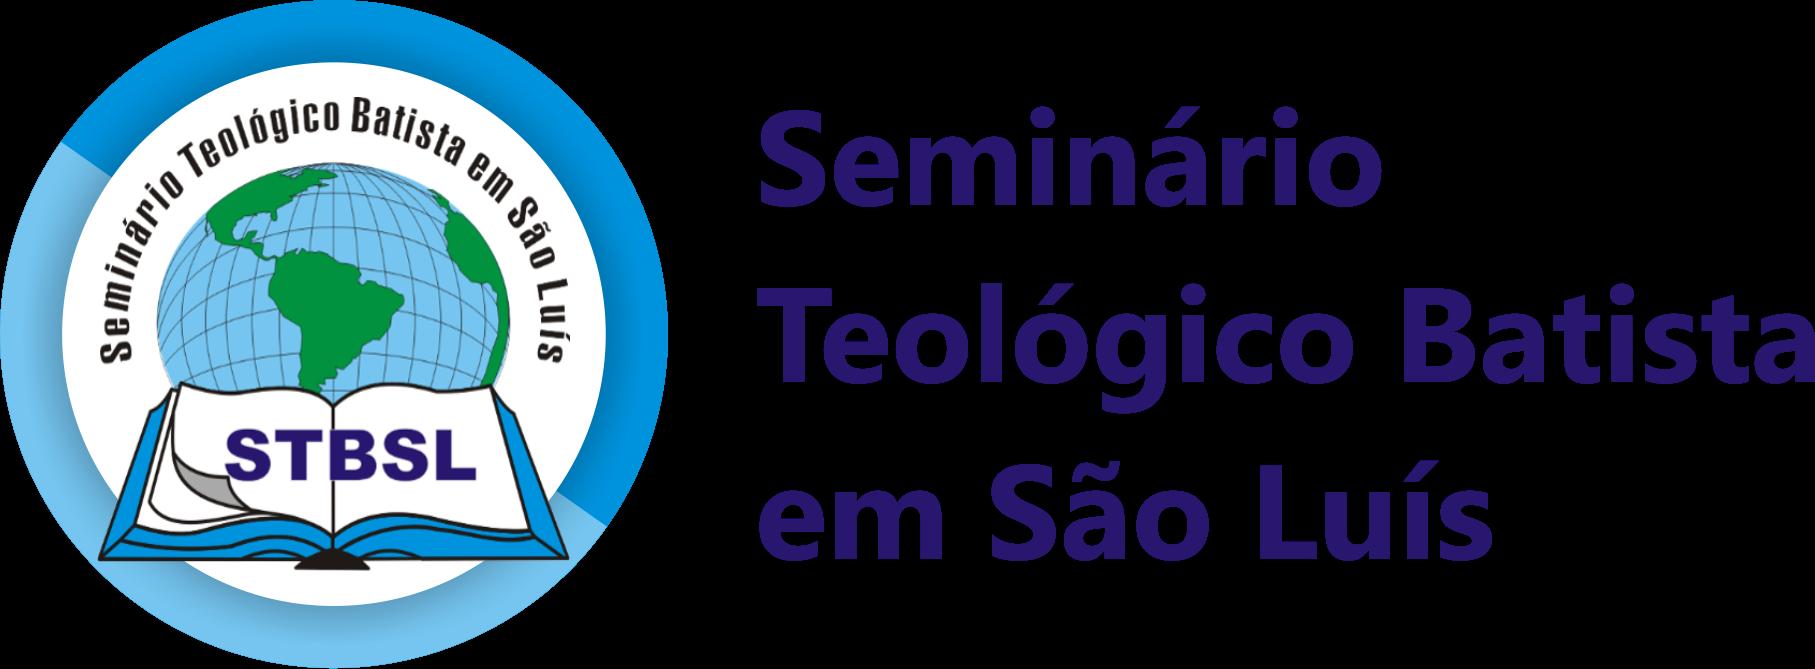 Seminário Teológico Batista em São Luís